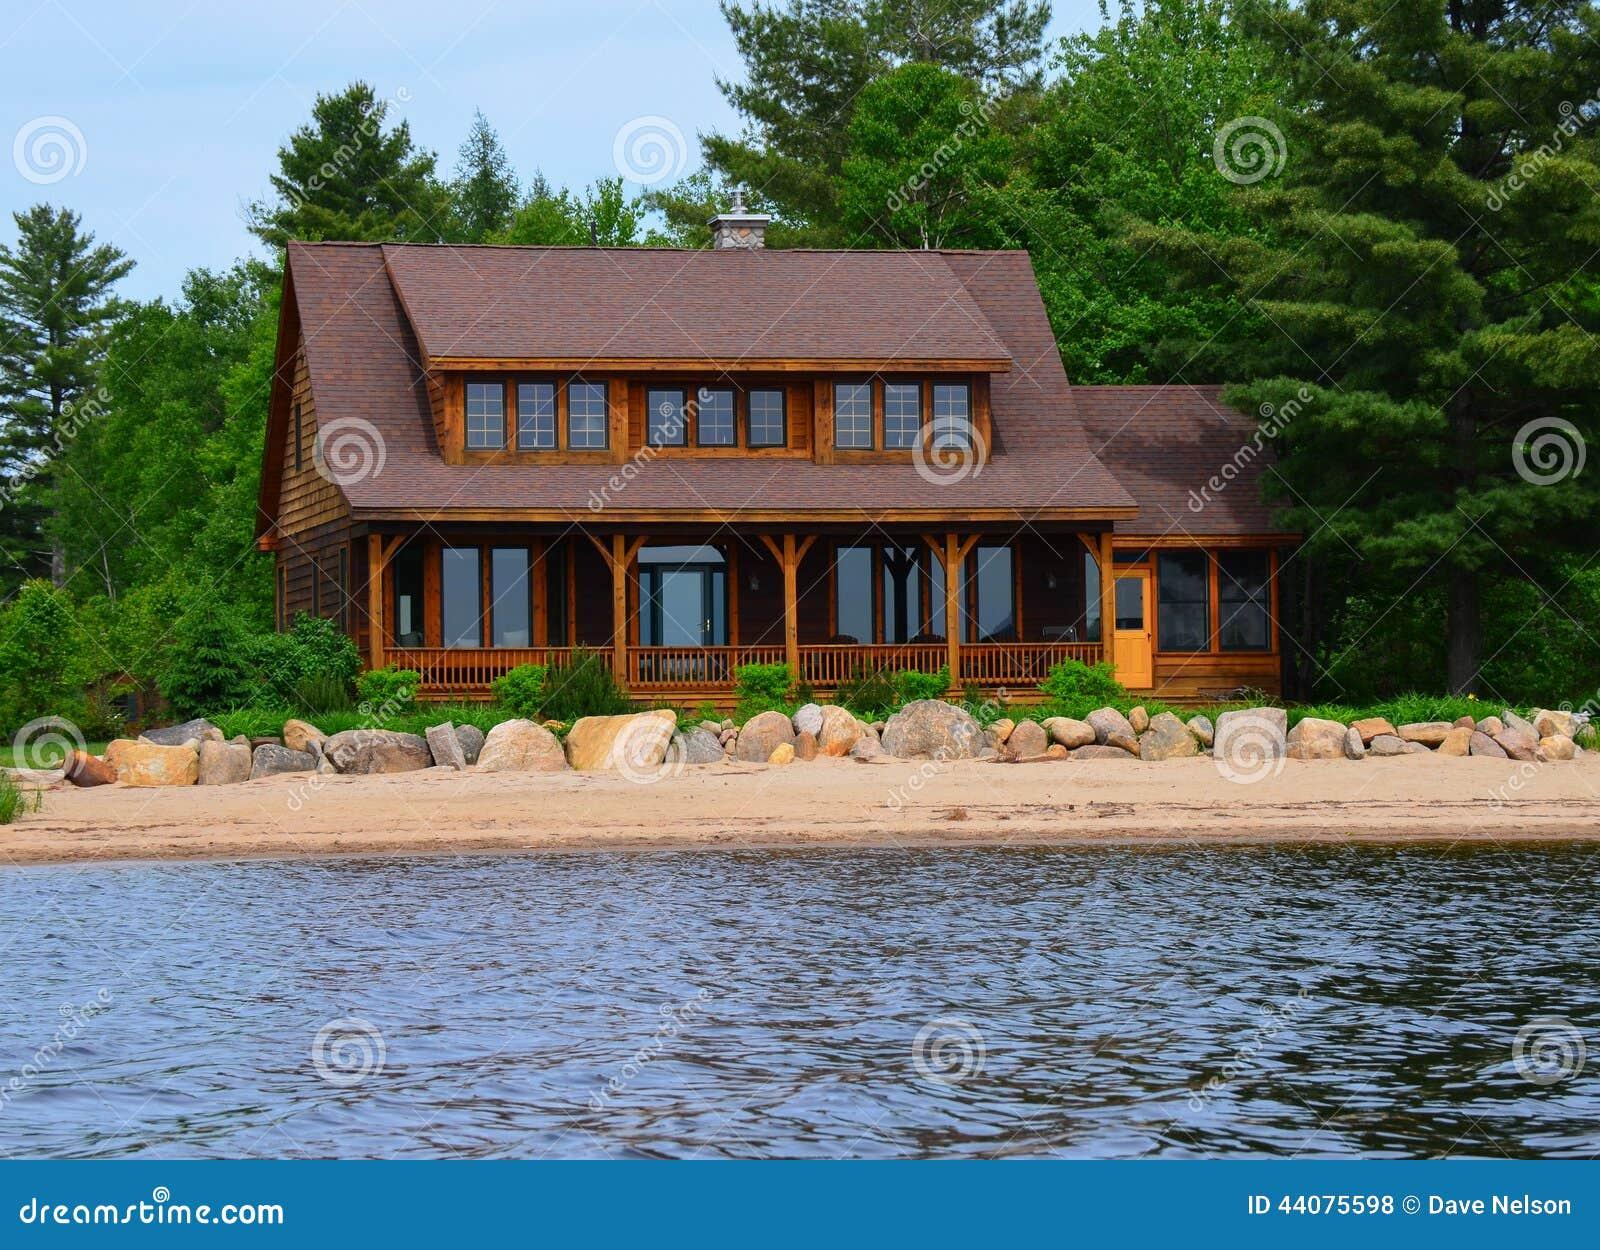 Maison moderne de bord de mer photo stock image 44075598 - Maison en bord de mer ...